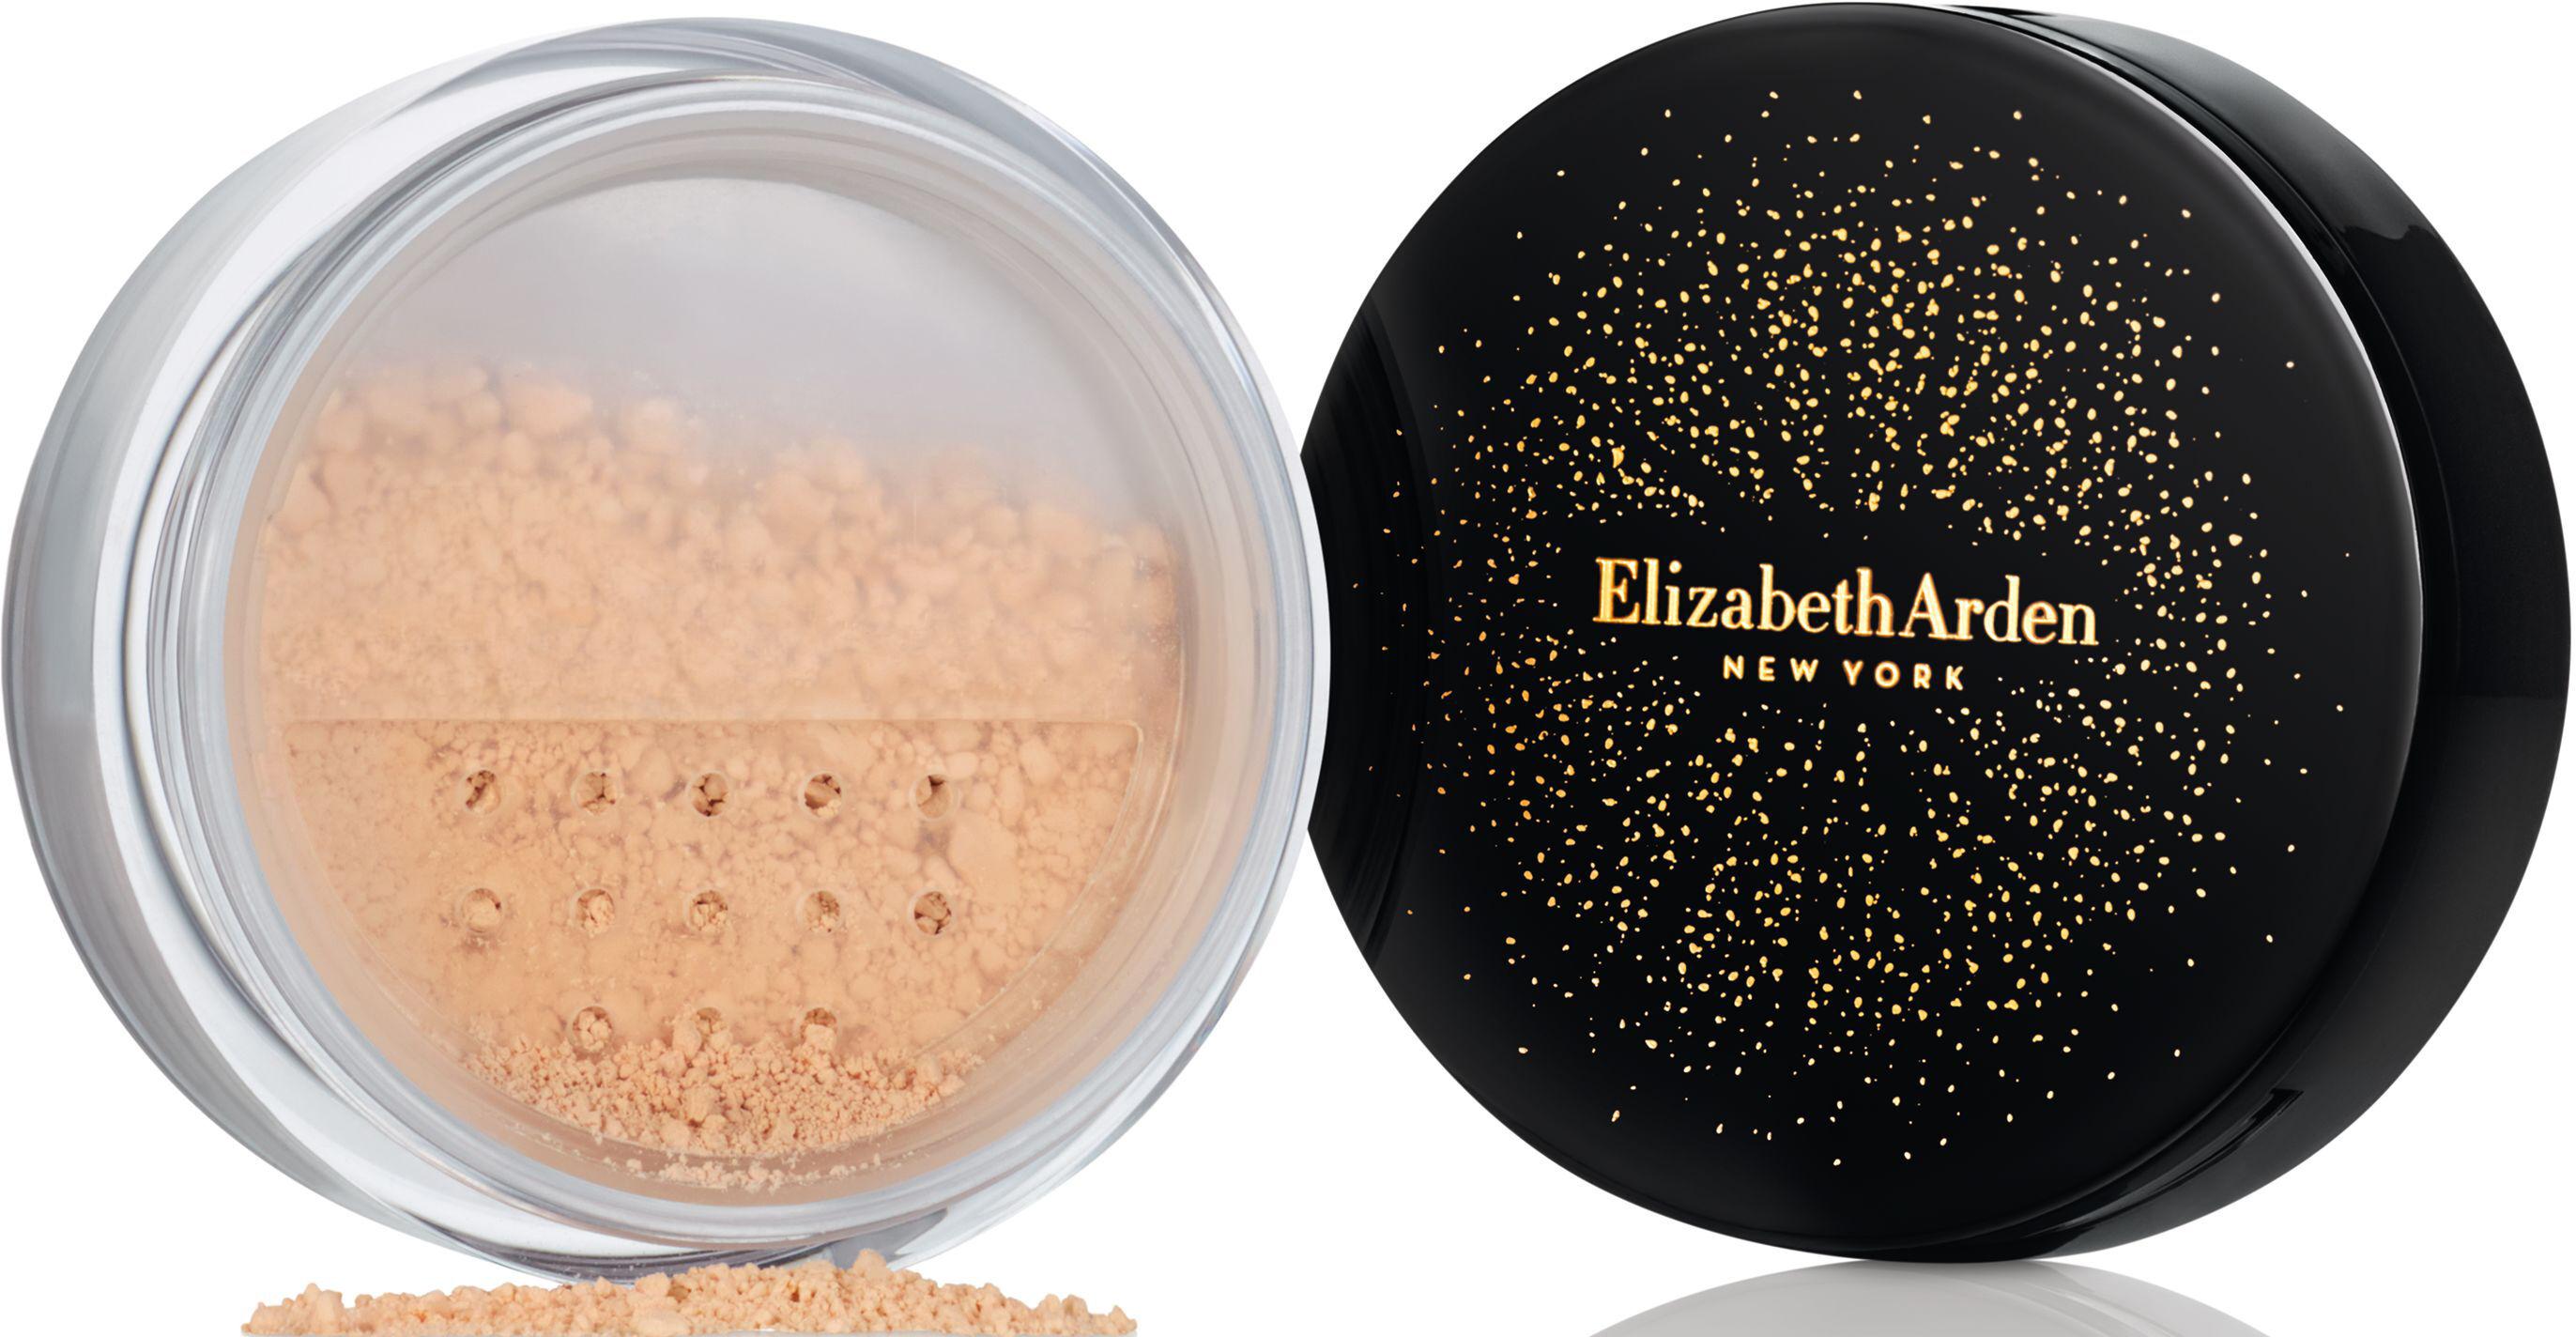 elizabeth-arden-high-performance-blurring-loose-powder-medium-03-175g-1099-266-0003_1